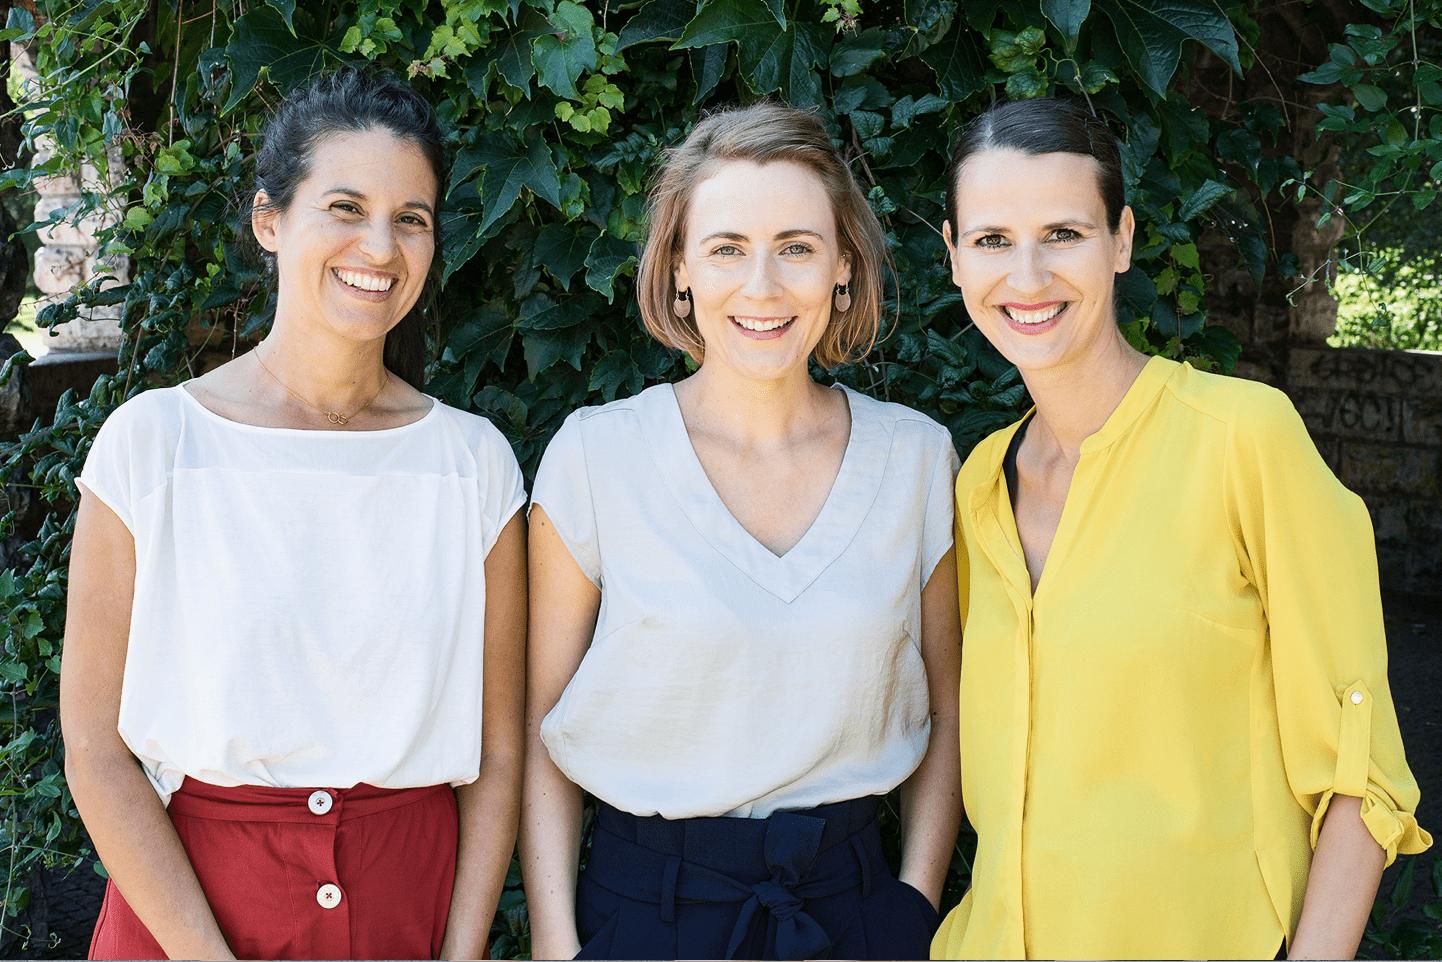 Gruppenfoto Kathrin Thiel, Sonia Kessler-Scheil, Elise Buntebart